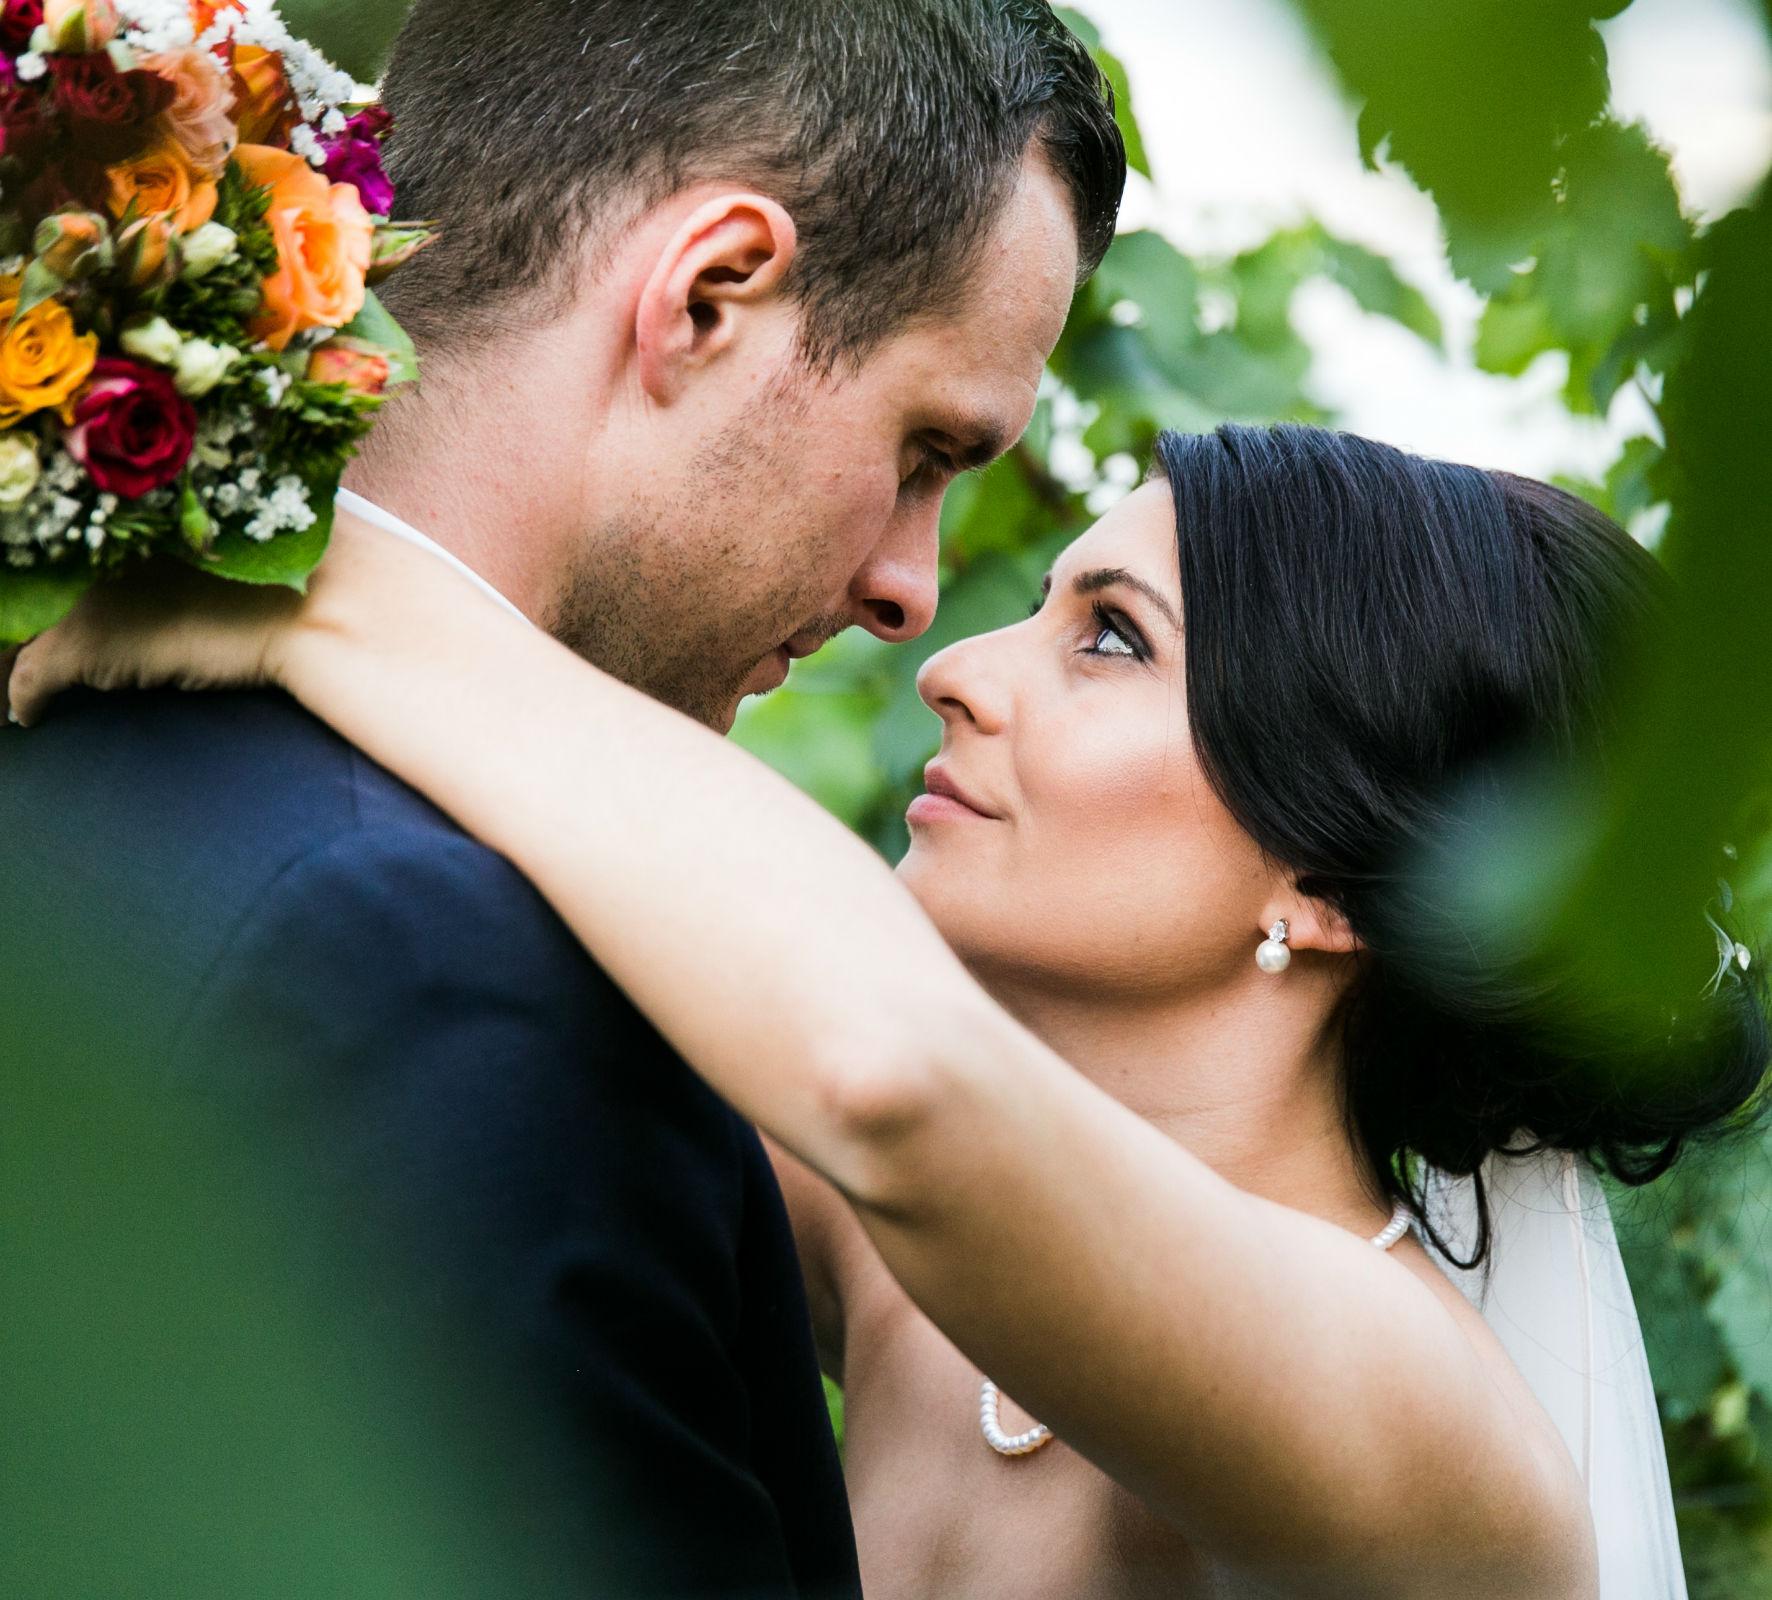 Verliebter Blick des Brautpaares eingefangen in den Weinreben